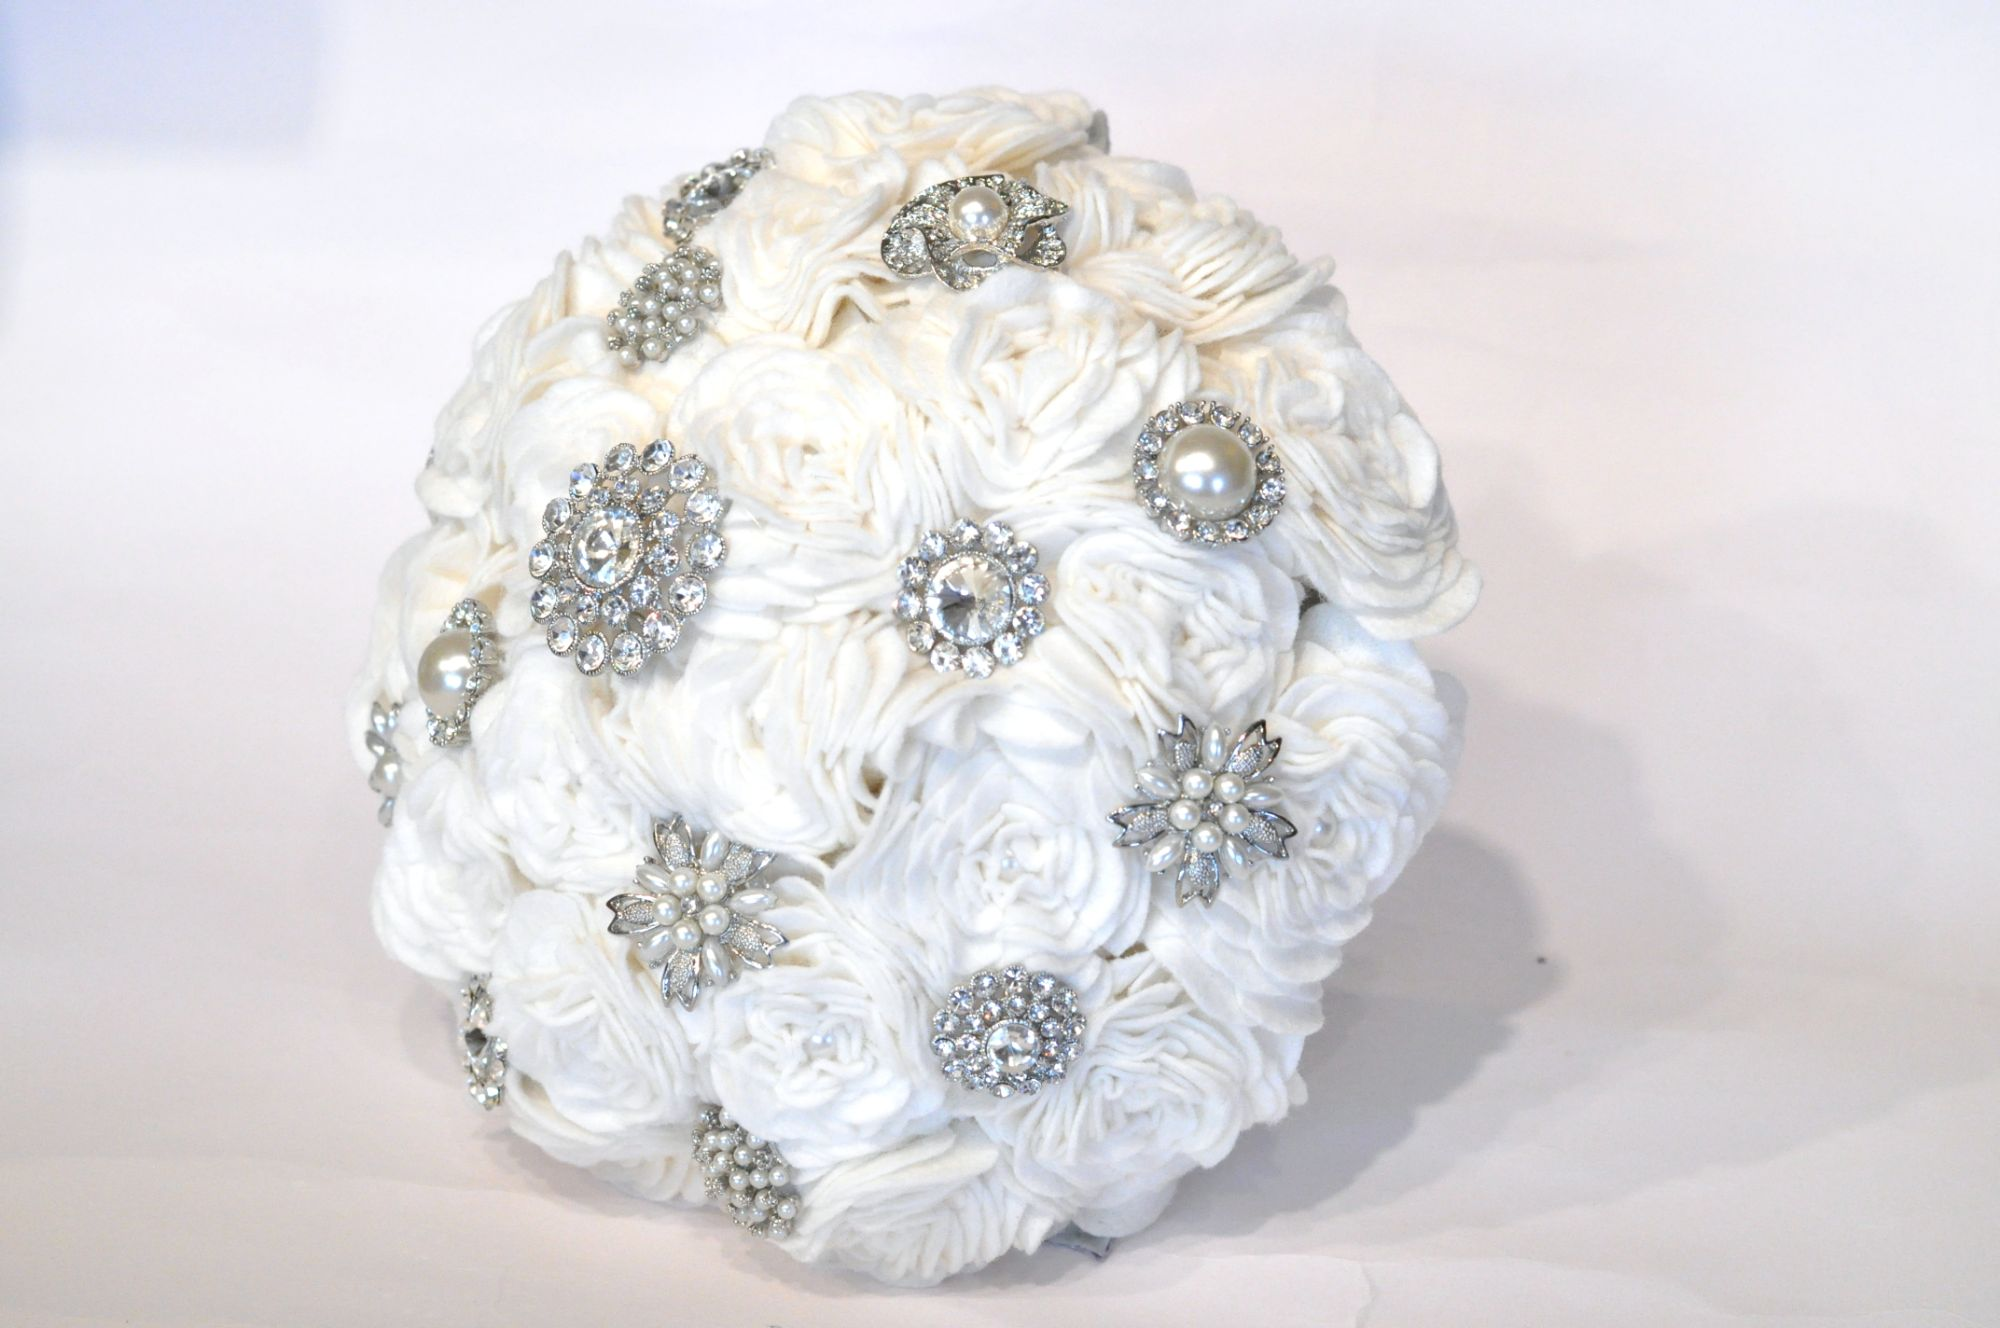 Brooch and felt bouquet (4).JPG